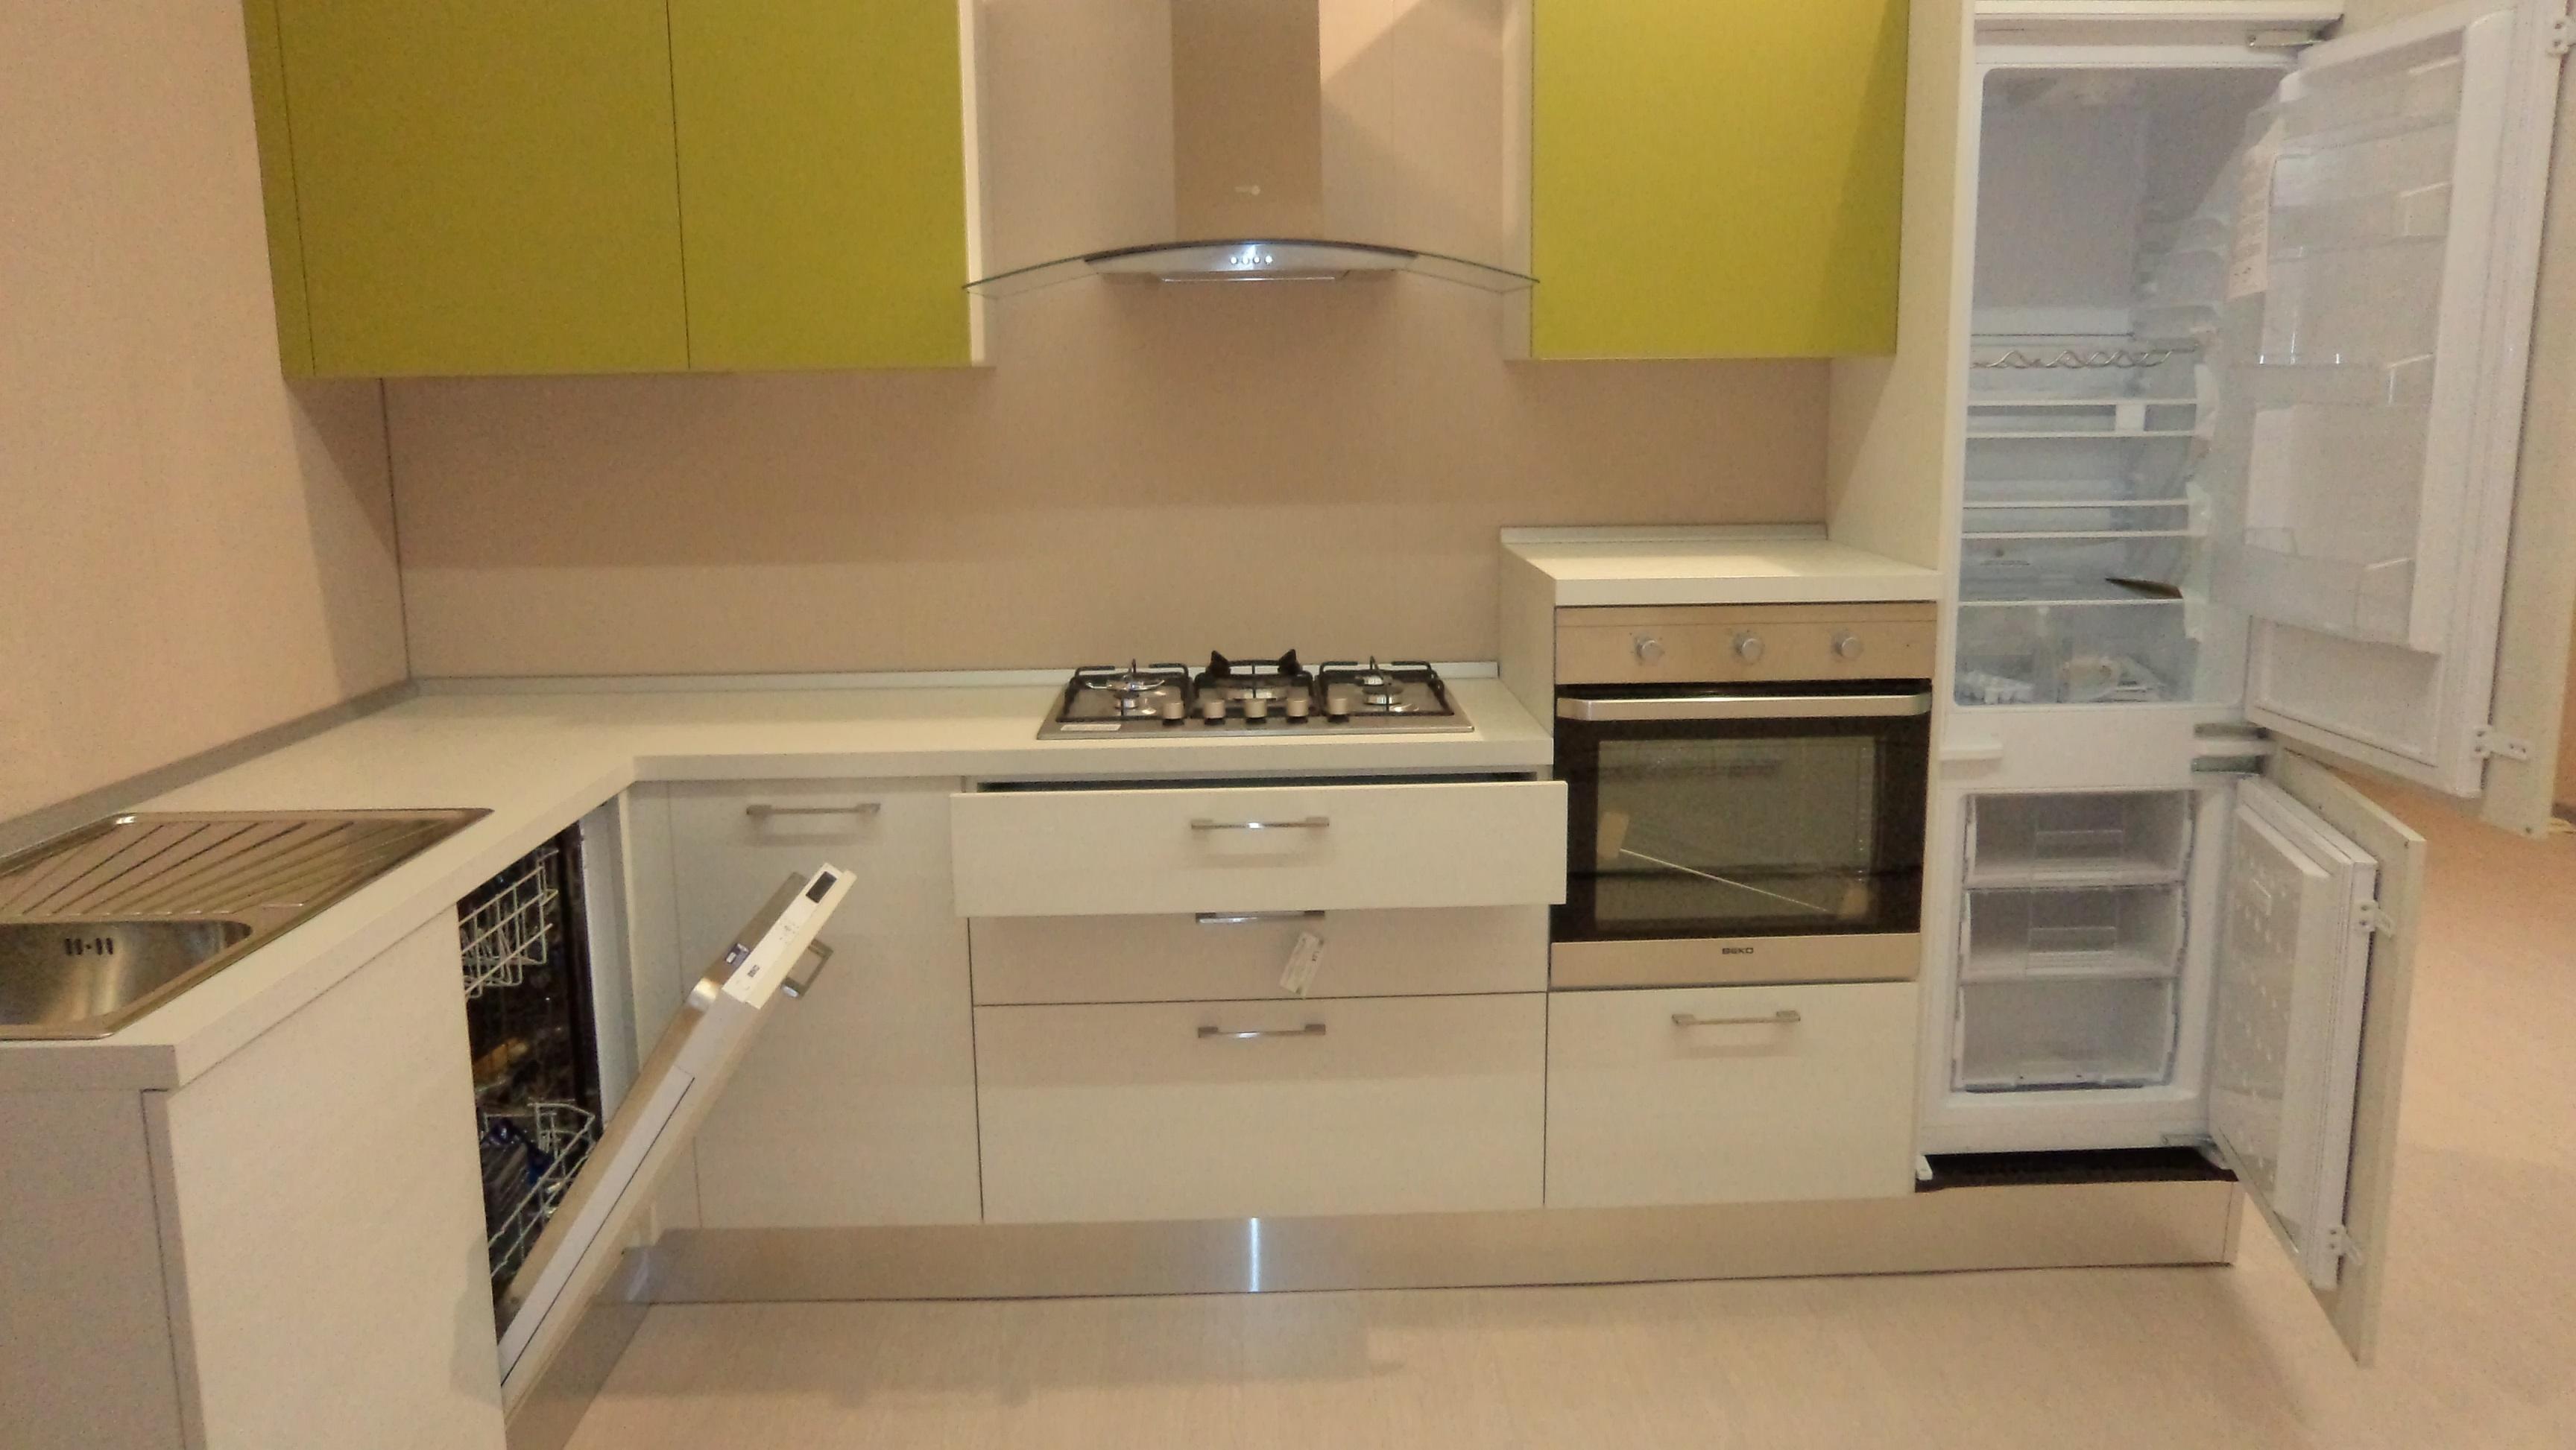 Cucina Angolare ARREDO3 Mod. Luna Scontata Del  50 % Cucine A Prezzi  #9C852F 3456 1946 Panca Angolare Per Cucina